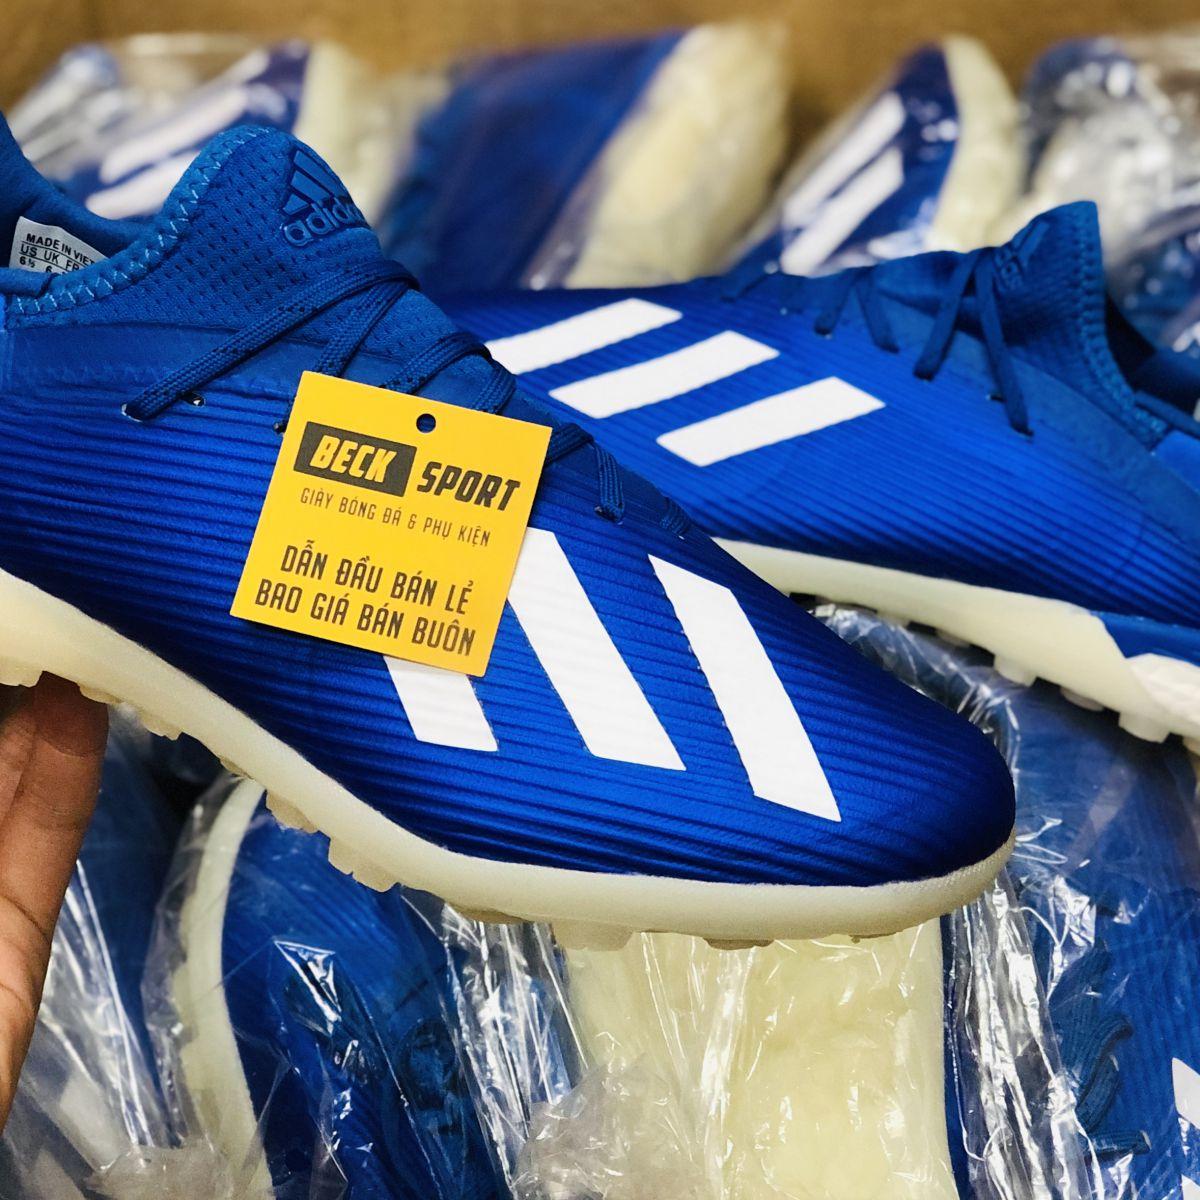 Giày Bóng Đá Adidas X 19.1 Xanh Biển vạch Trắng Đế Trắng TF